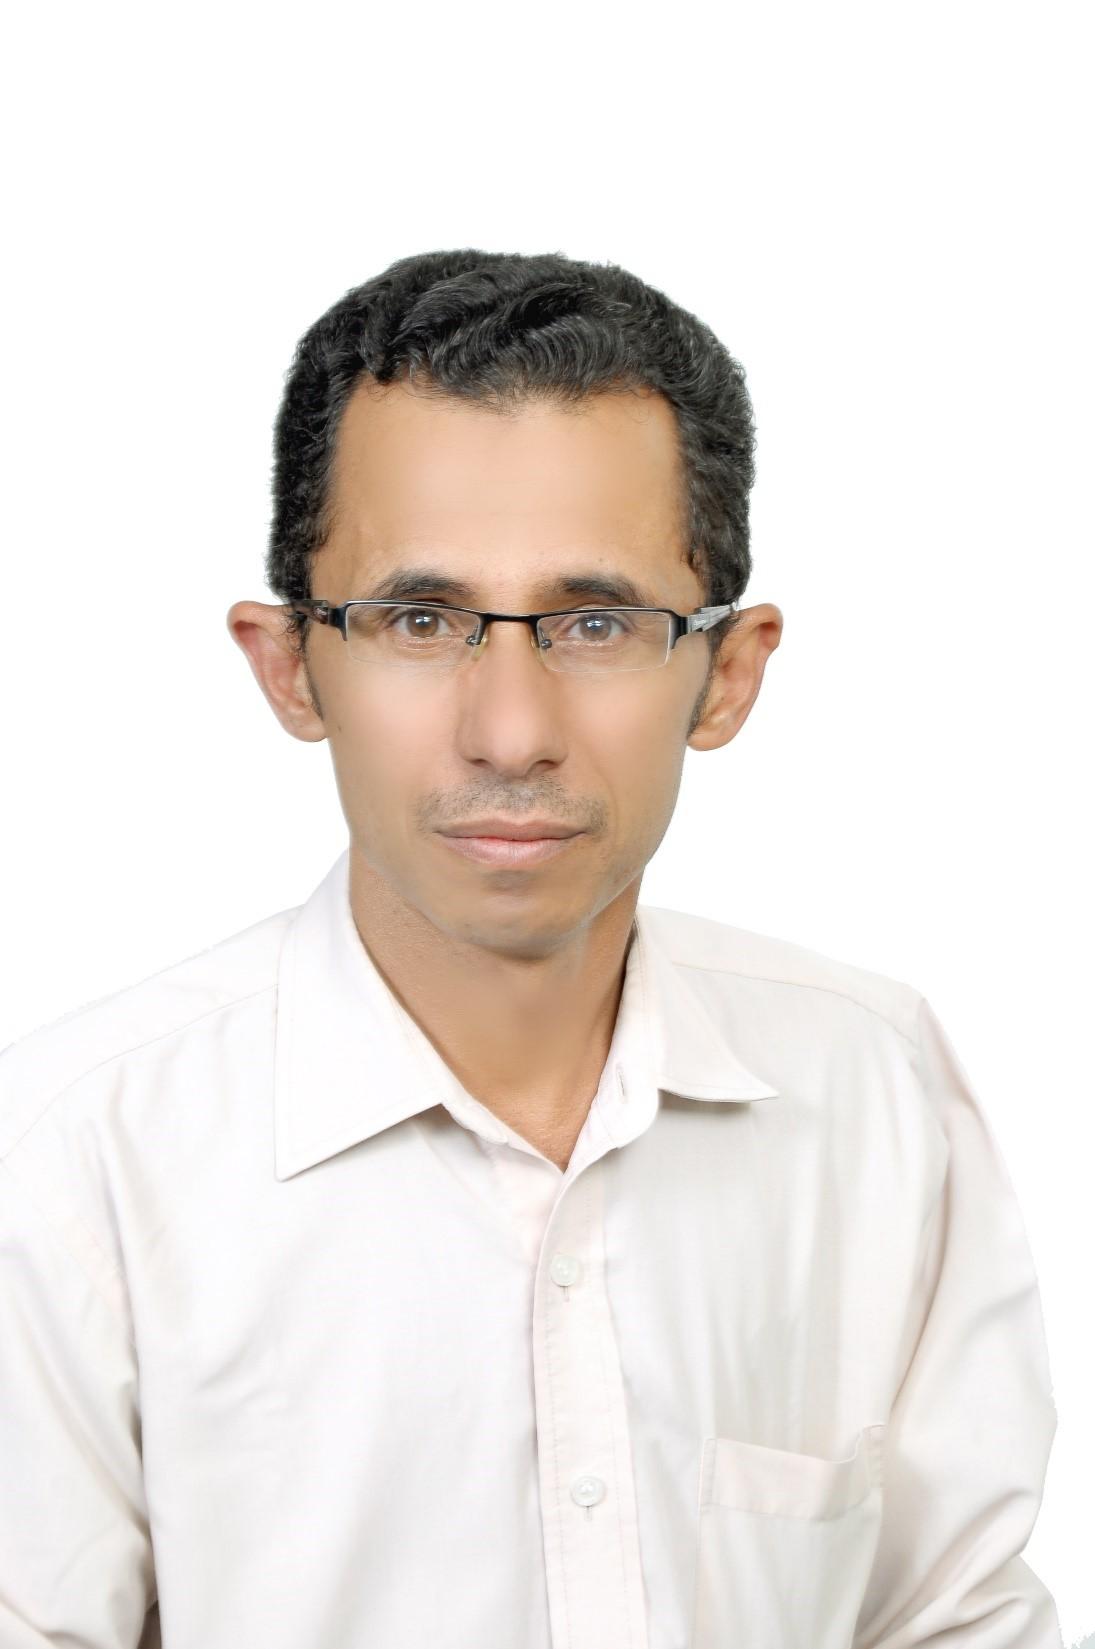 Abdul Mannan Fateh